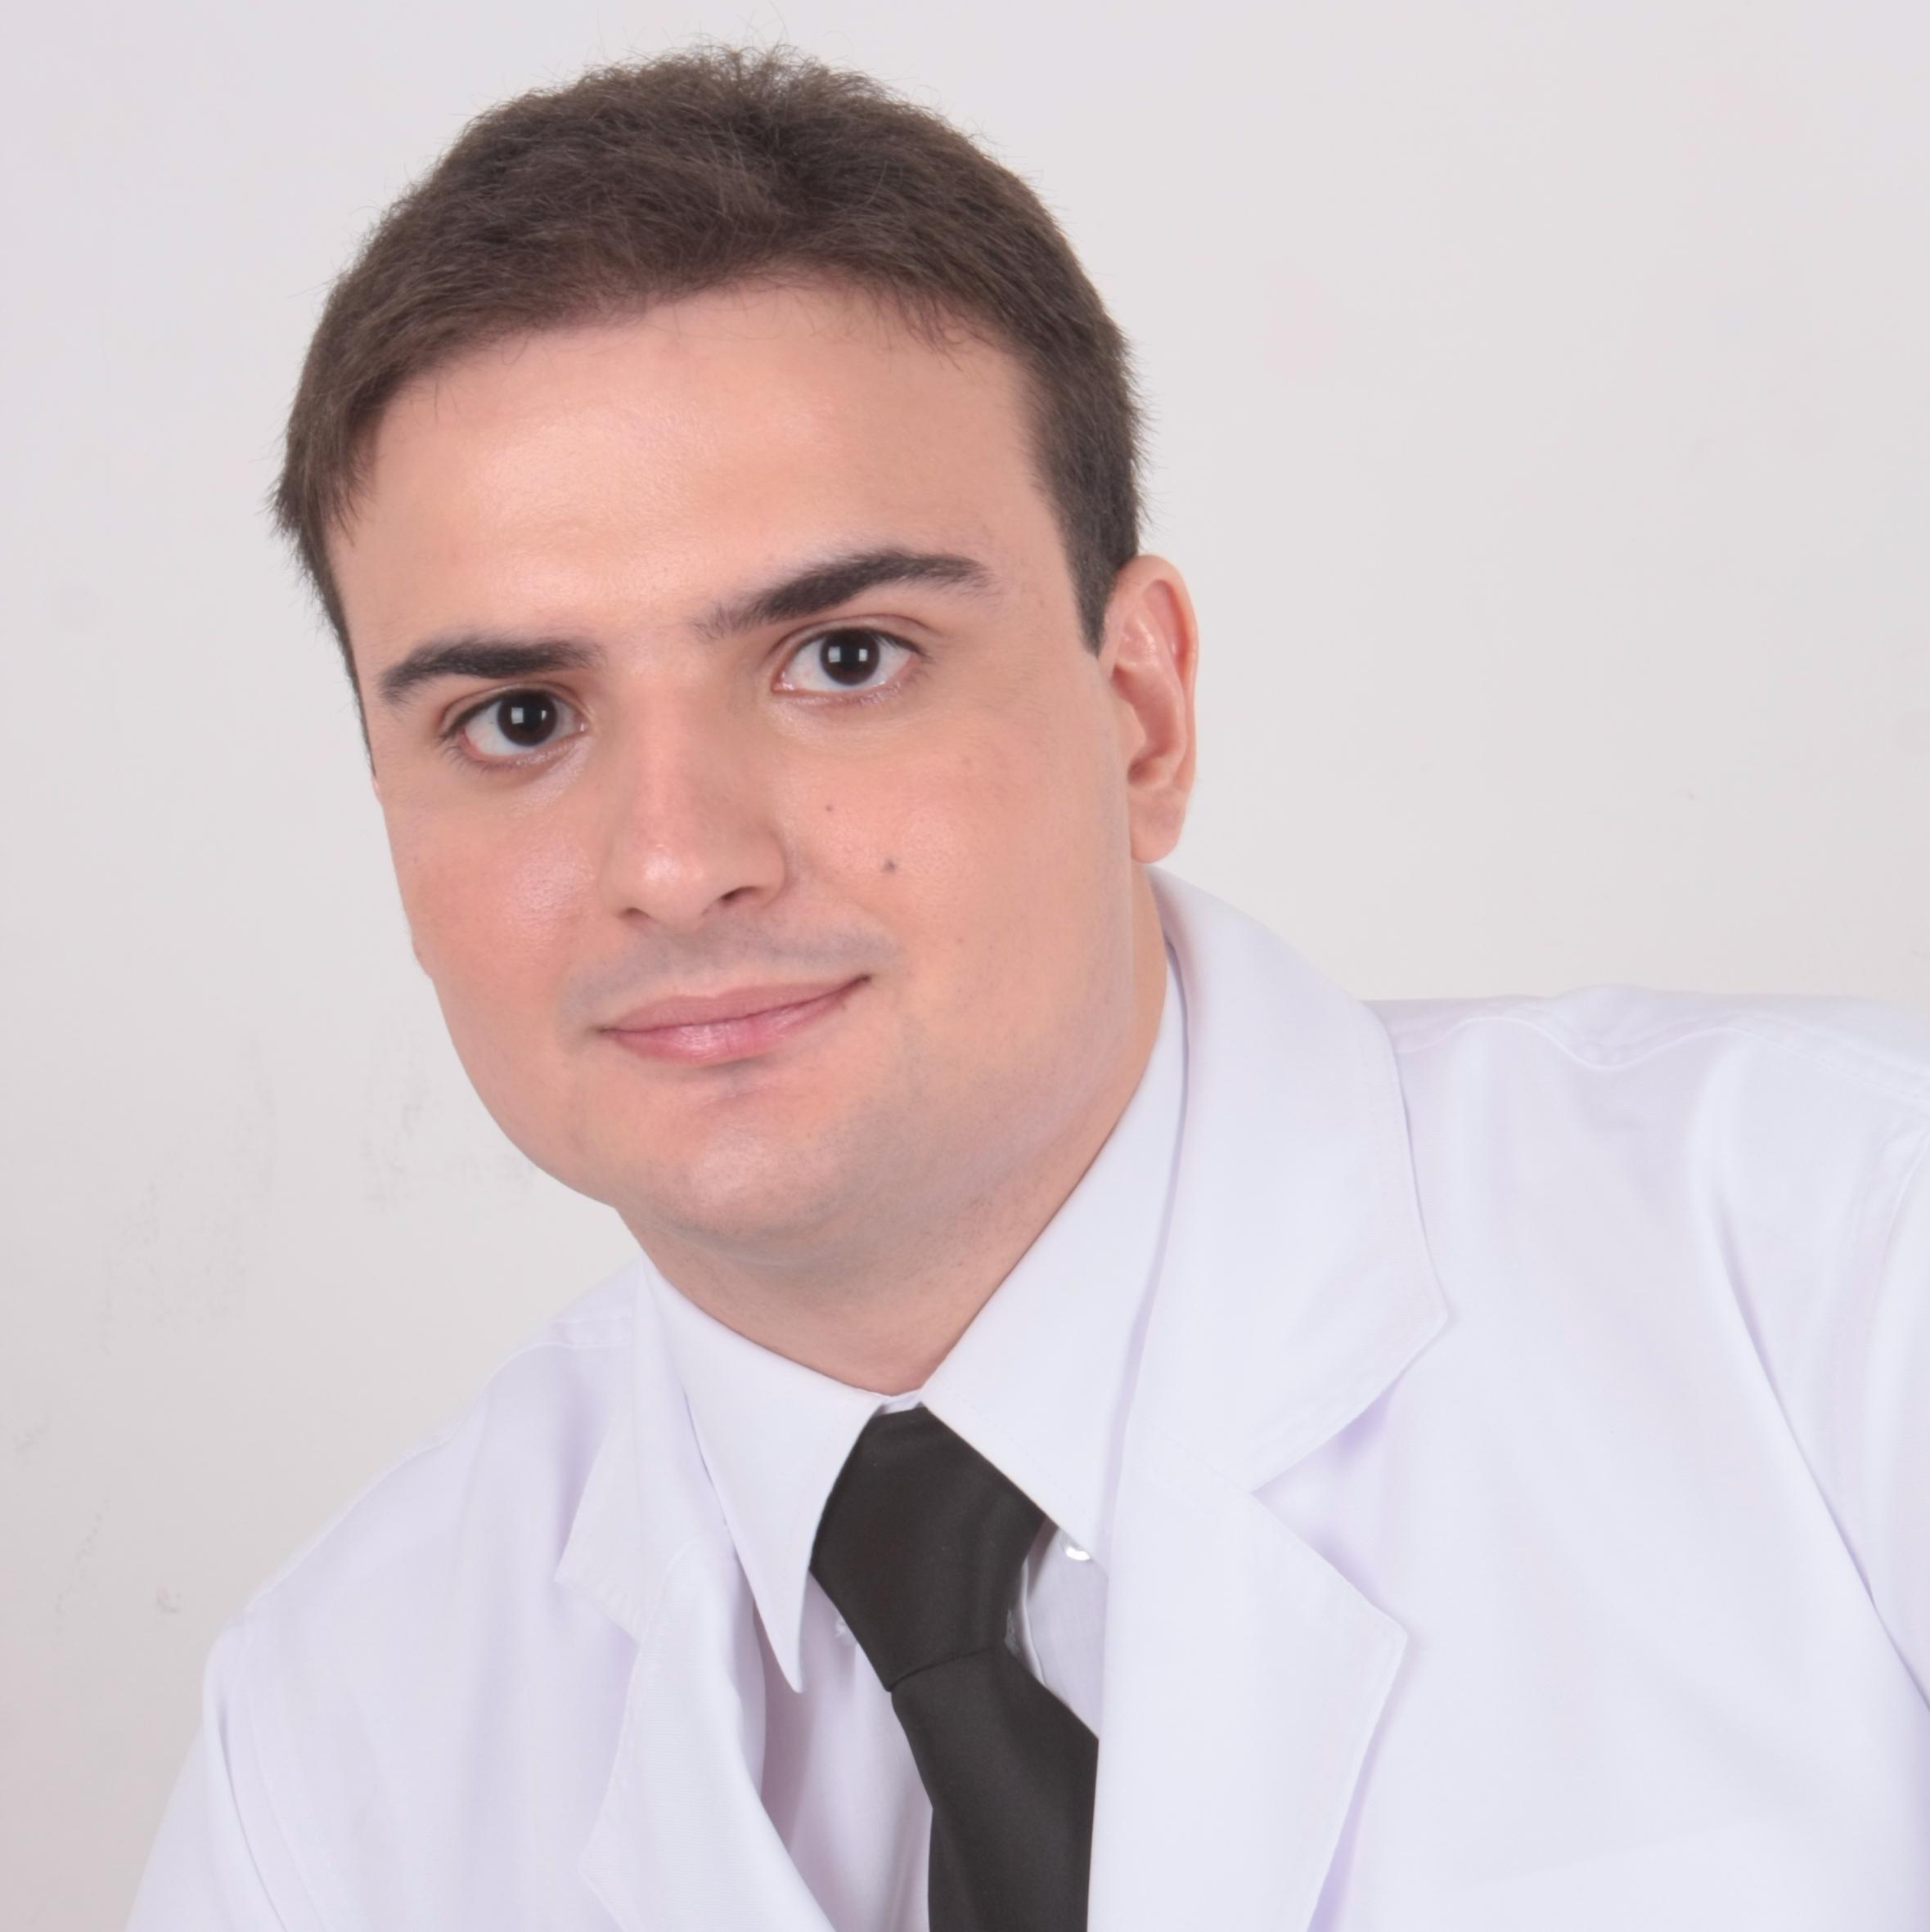 Danilo Santos Guerreiro